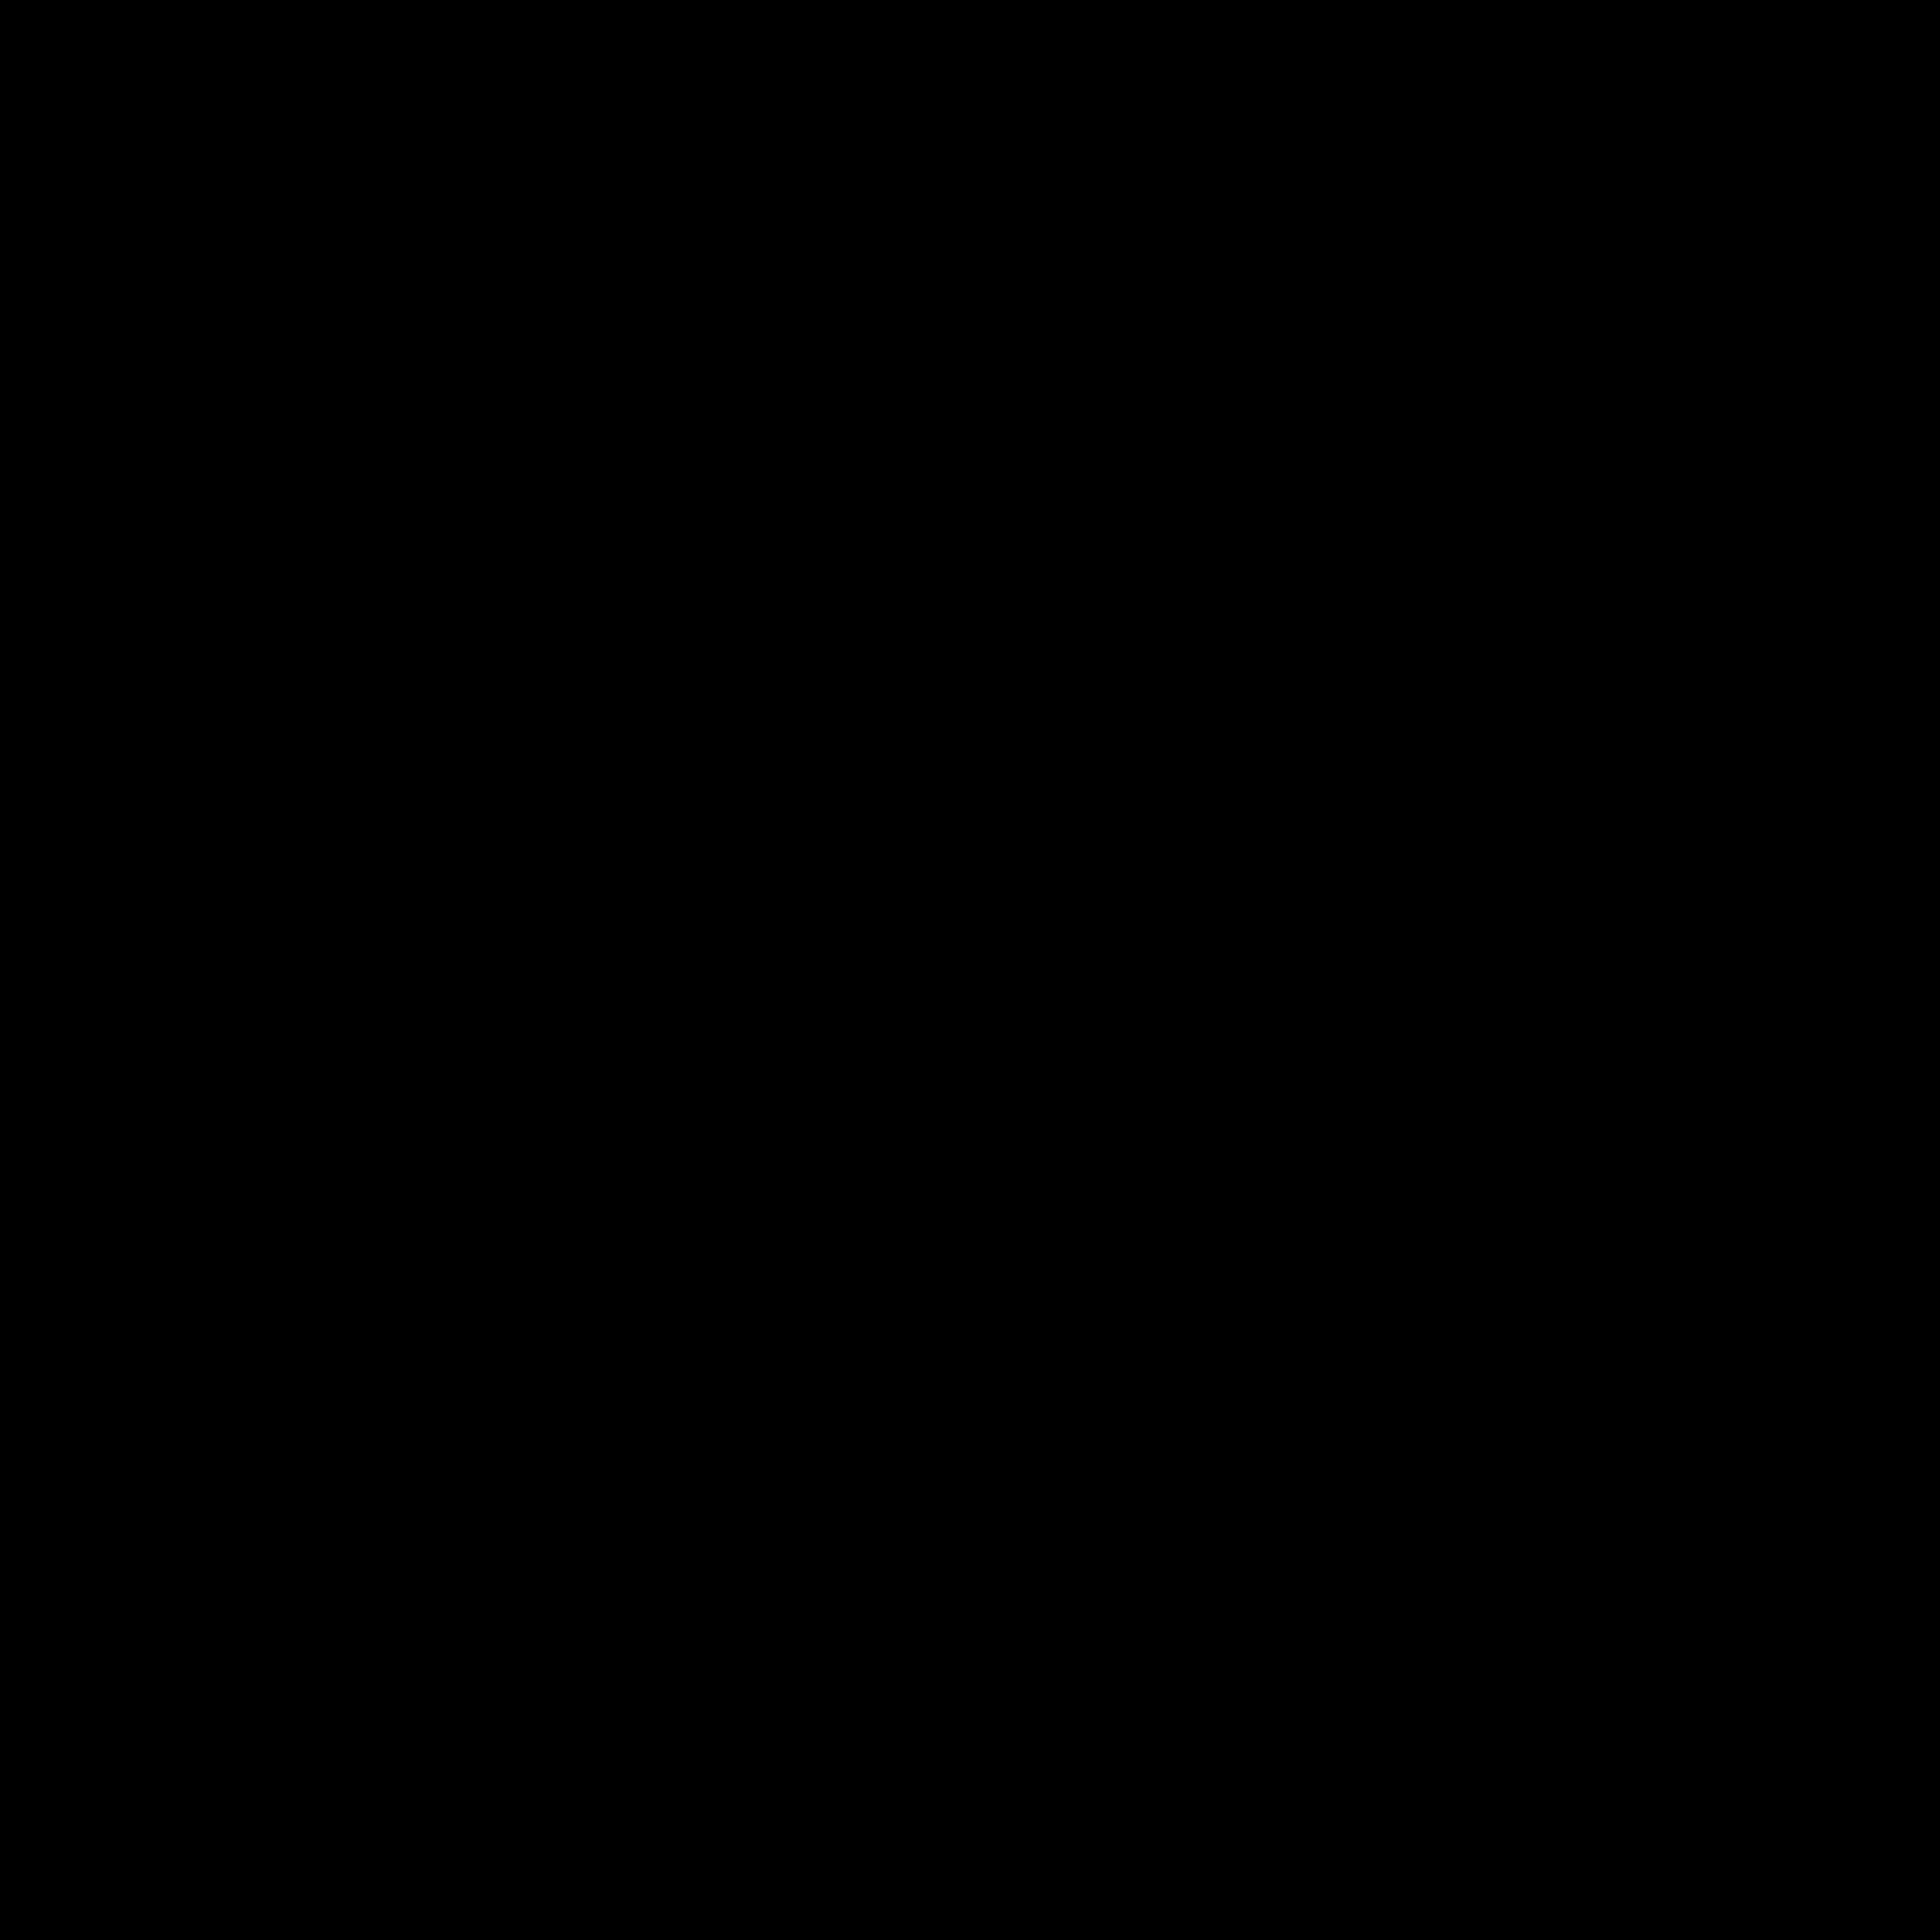 Naklejka na ścianę liście ala pióro